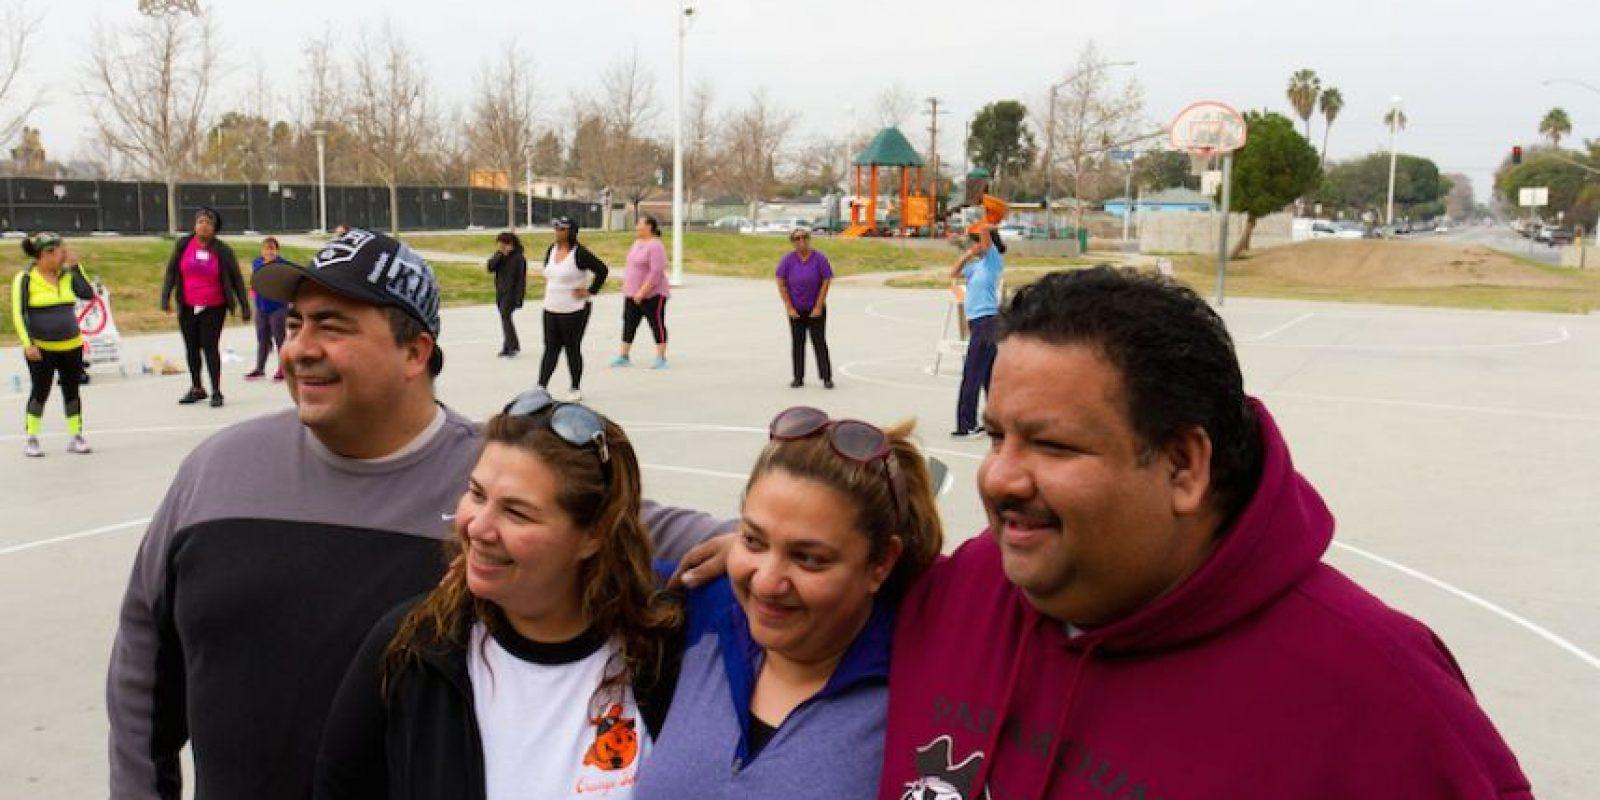 Decenas de residentes de Lynwood (California-EE.UU.) aceptaron hoy el reto de esta ciudad para bajar de peso, y de paso llevarse 3.500 dólares y aprender sobre nutrición y rutinas de ejercicio. Foto:EFE. Imagen Por: